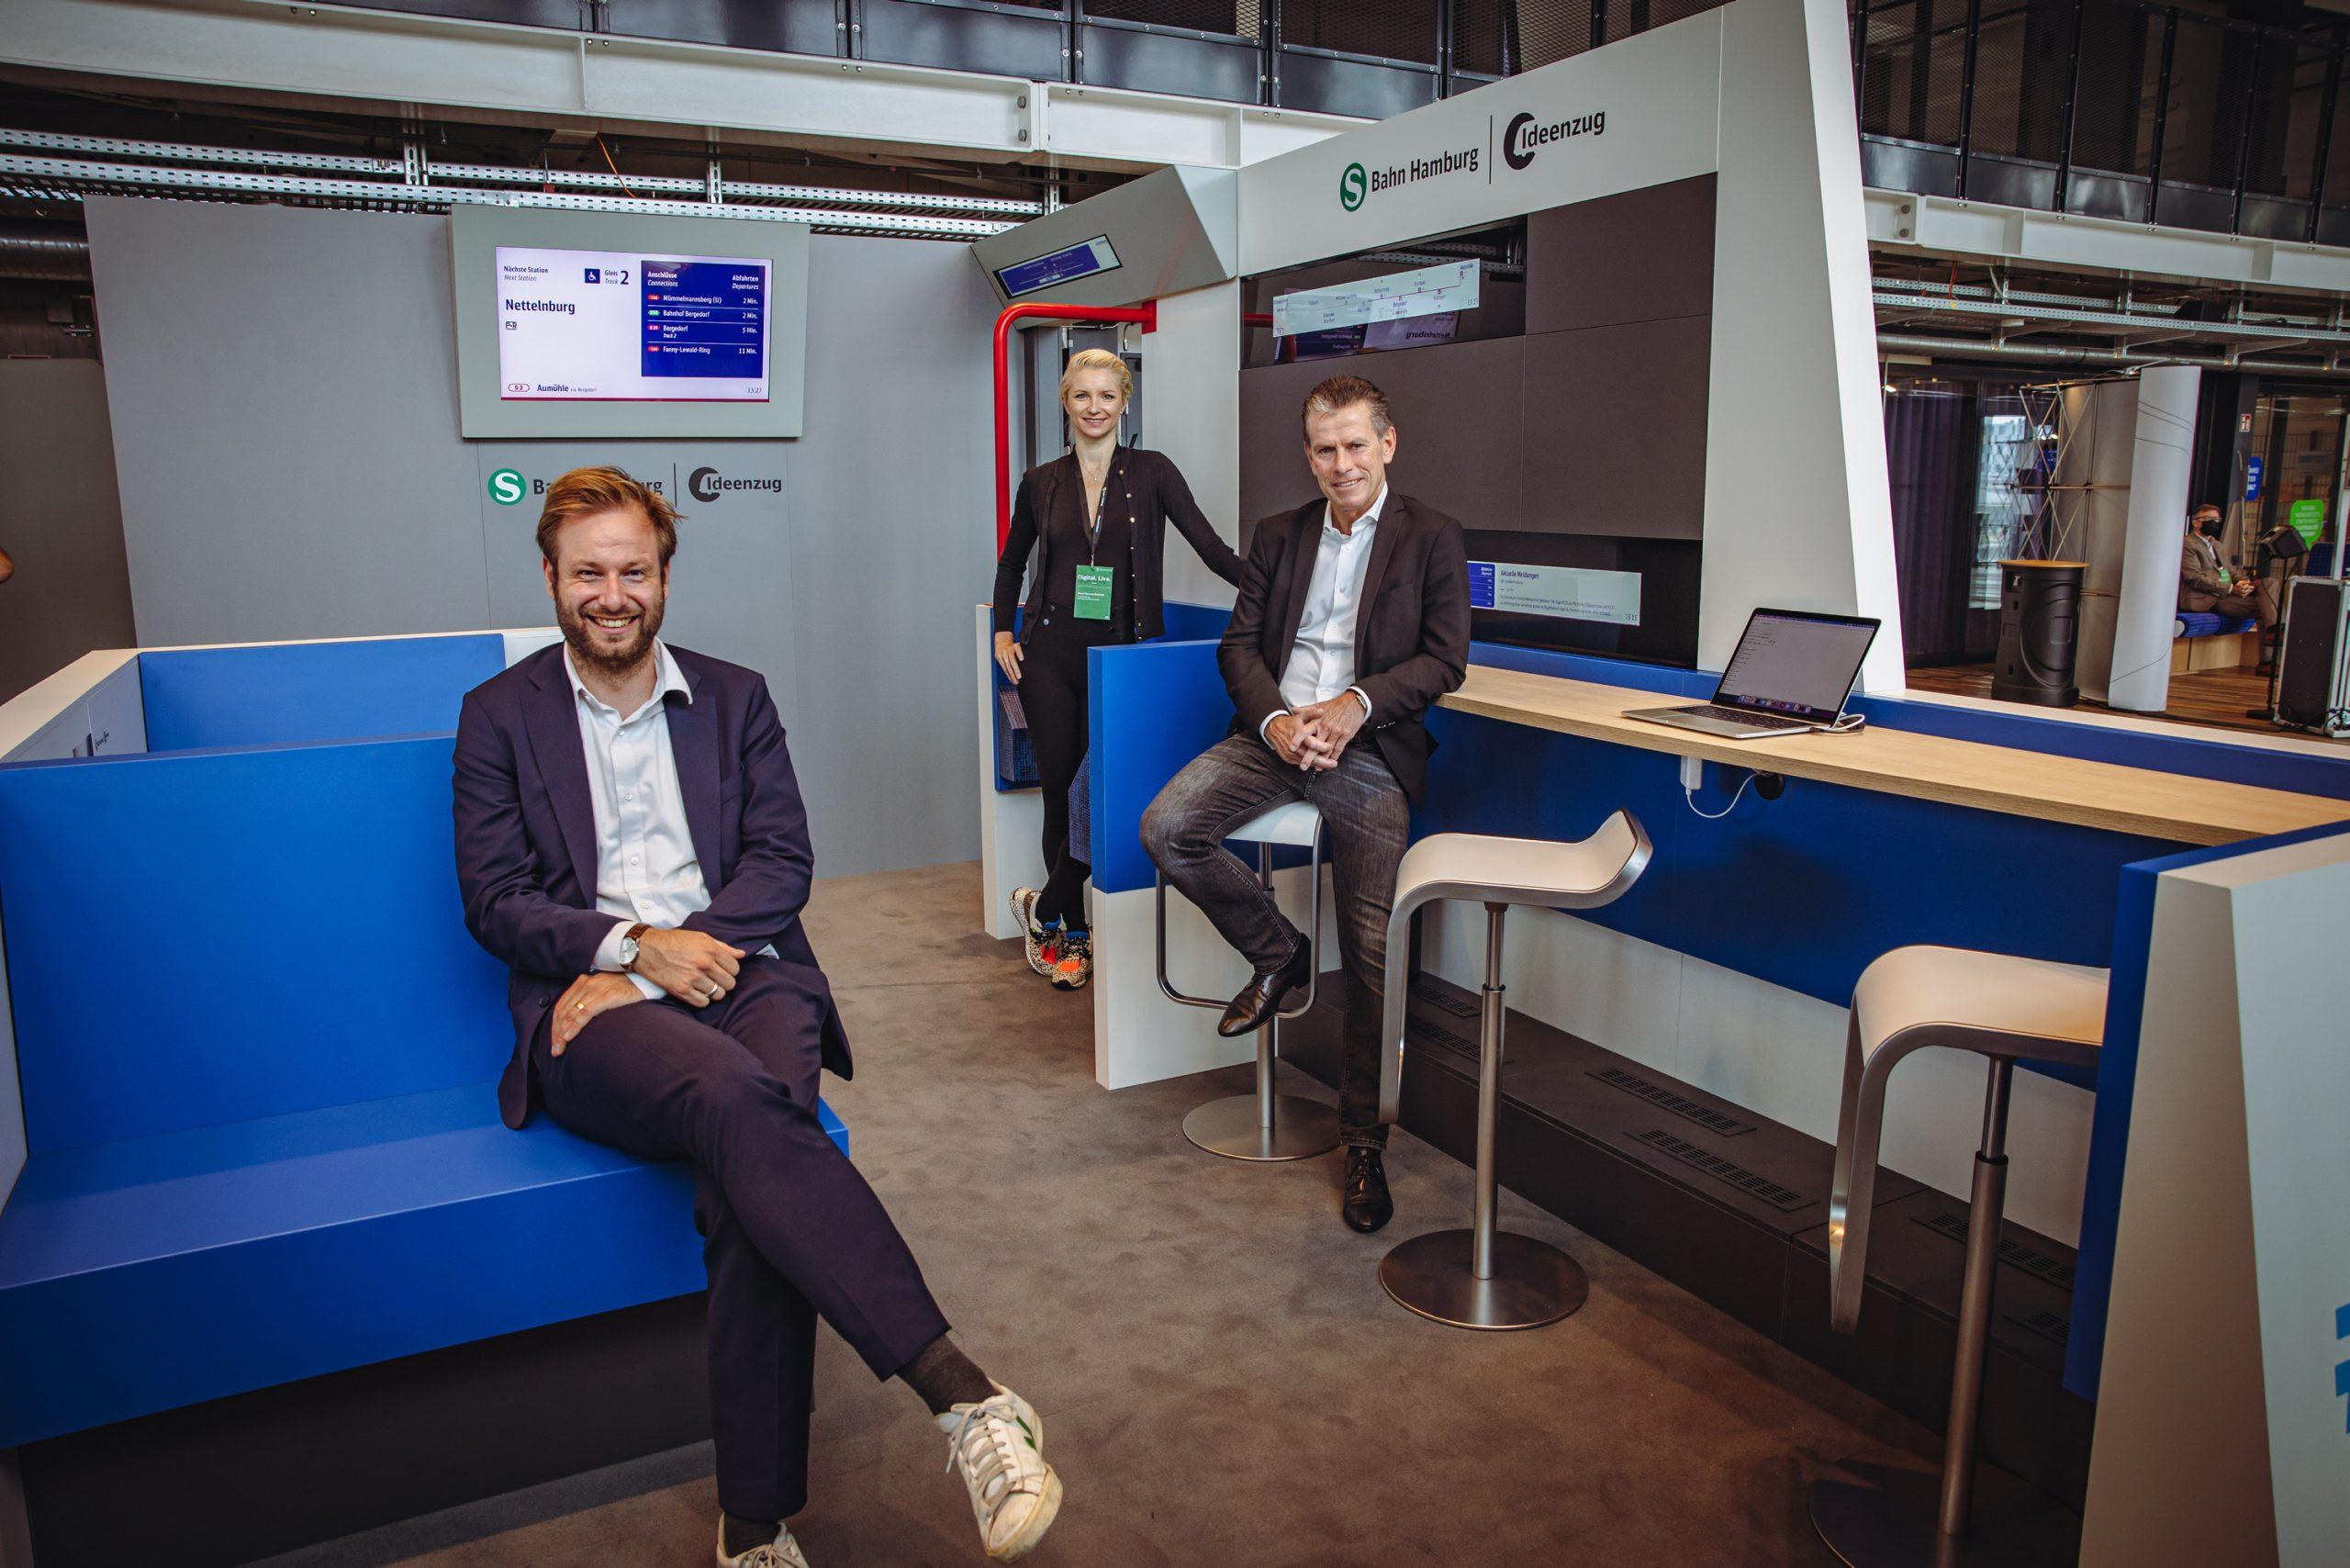 Verkehrssenator Anjes Tjarks (Grüne), HVV-Chefin Anna-Theresa Korbutt und S-Bahn-Chef Kay Arnecke (v.l.n.r.) präsentieren den S-Bahn Waggon der Zukunft. Hier noch ein Modell, bald auch in der Realität.